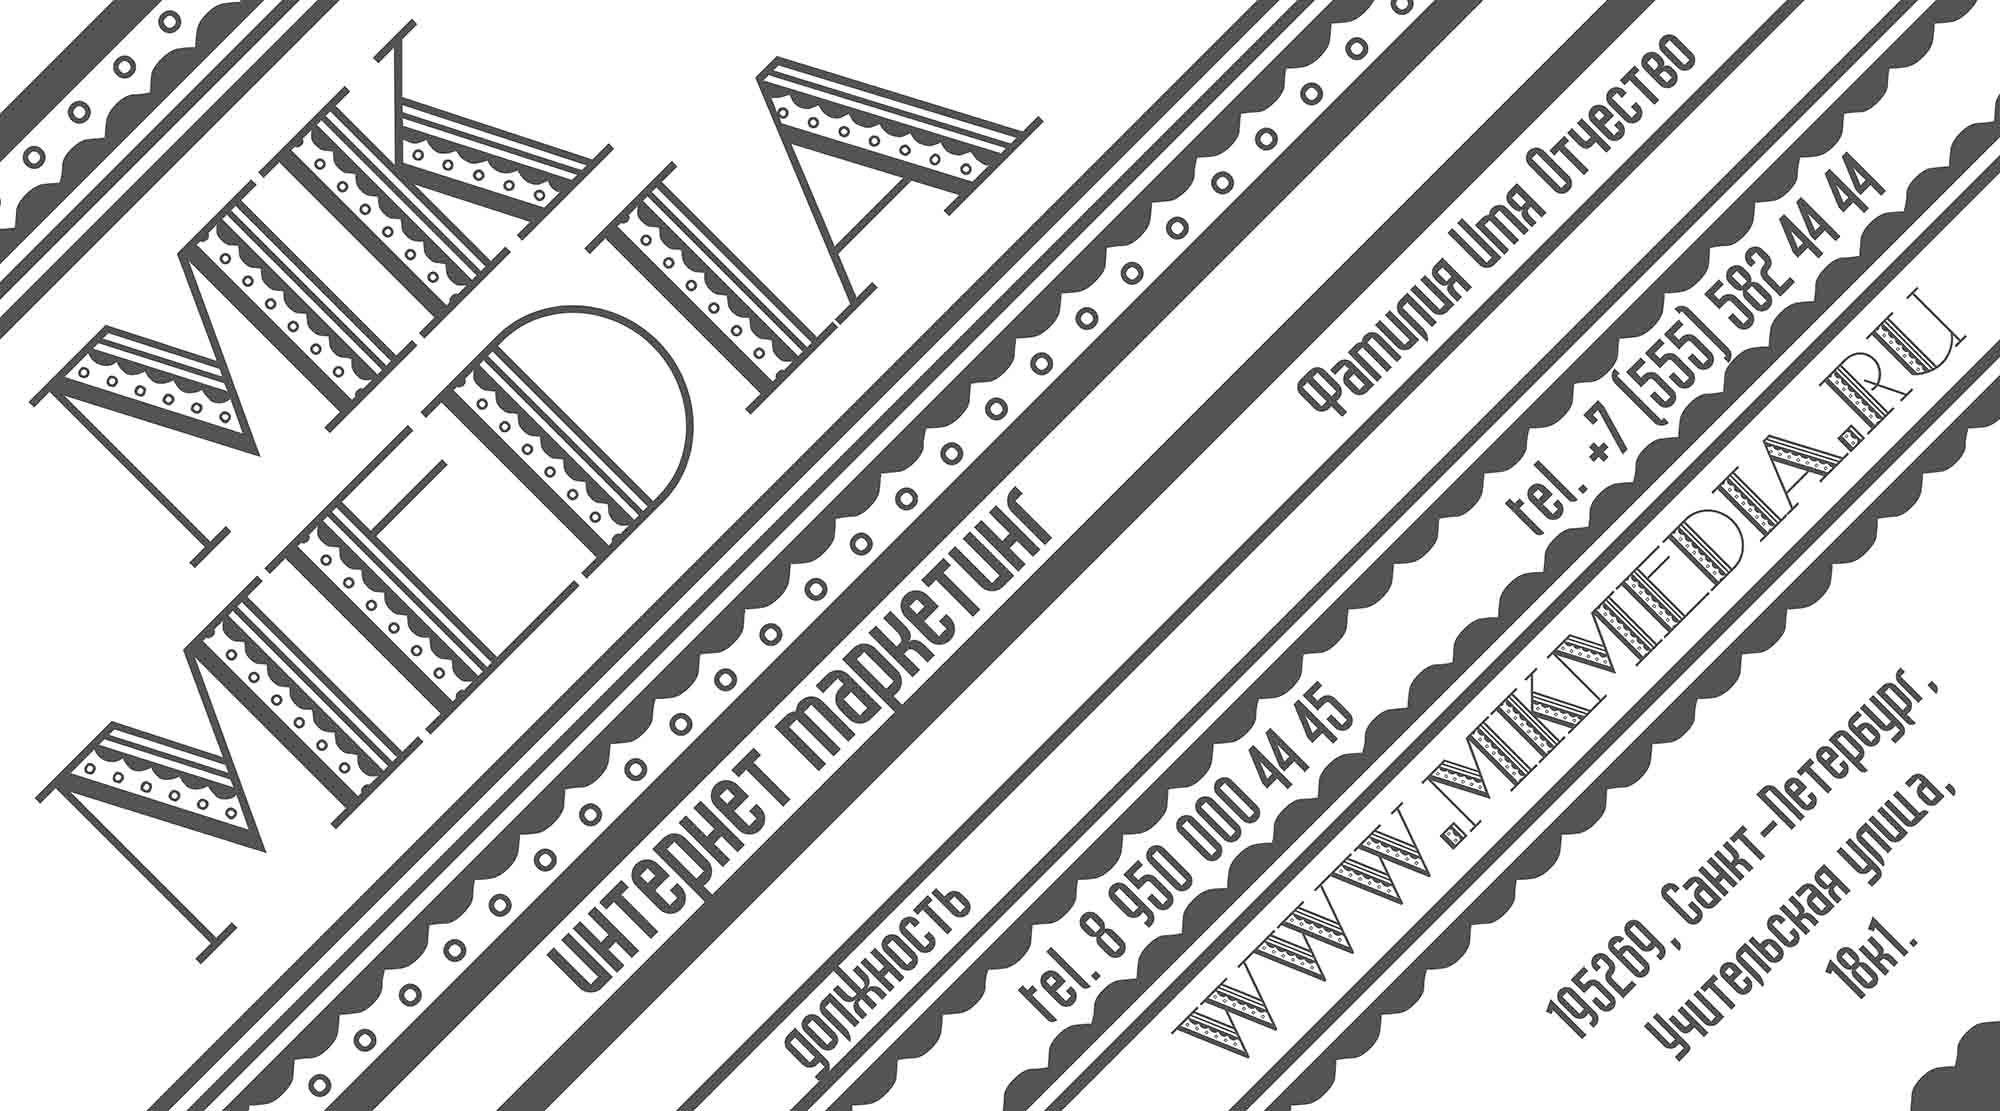 Разработка дизайна визитной карточки - дизайнер Rid_Rich